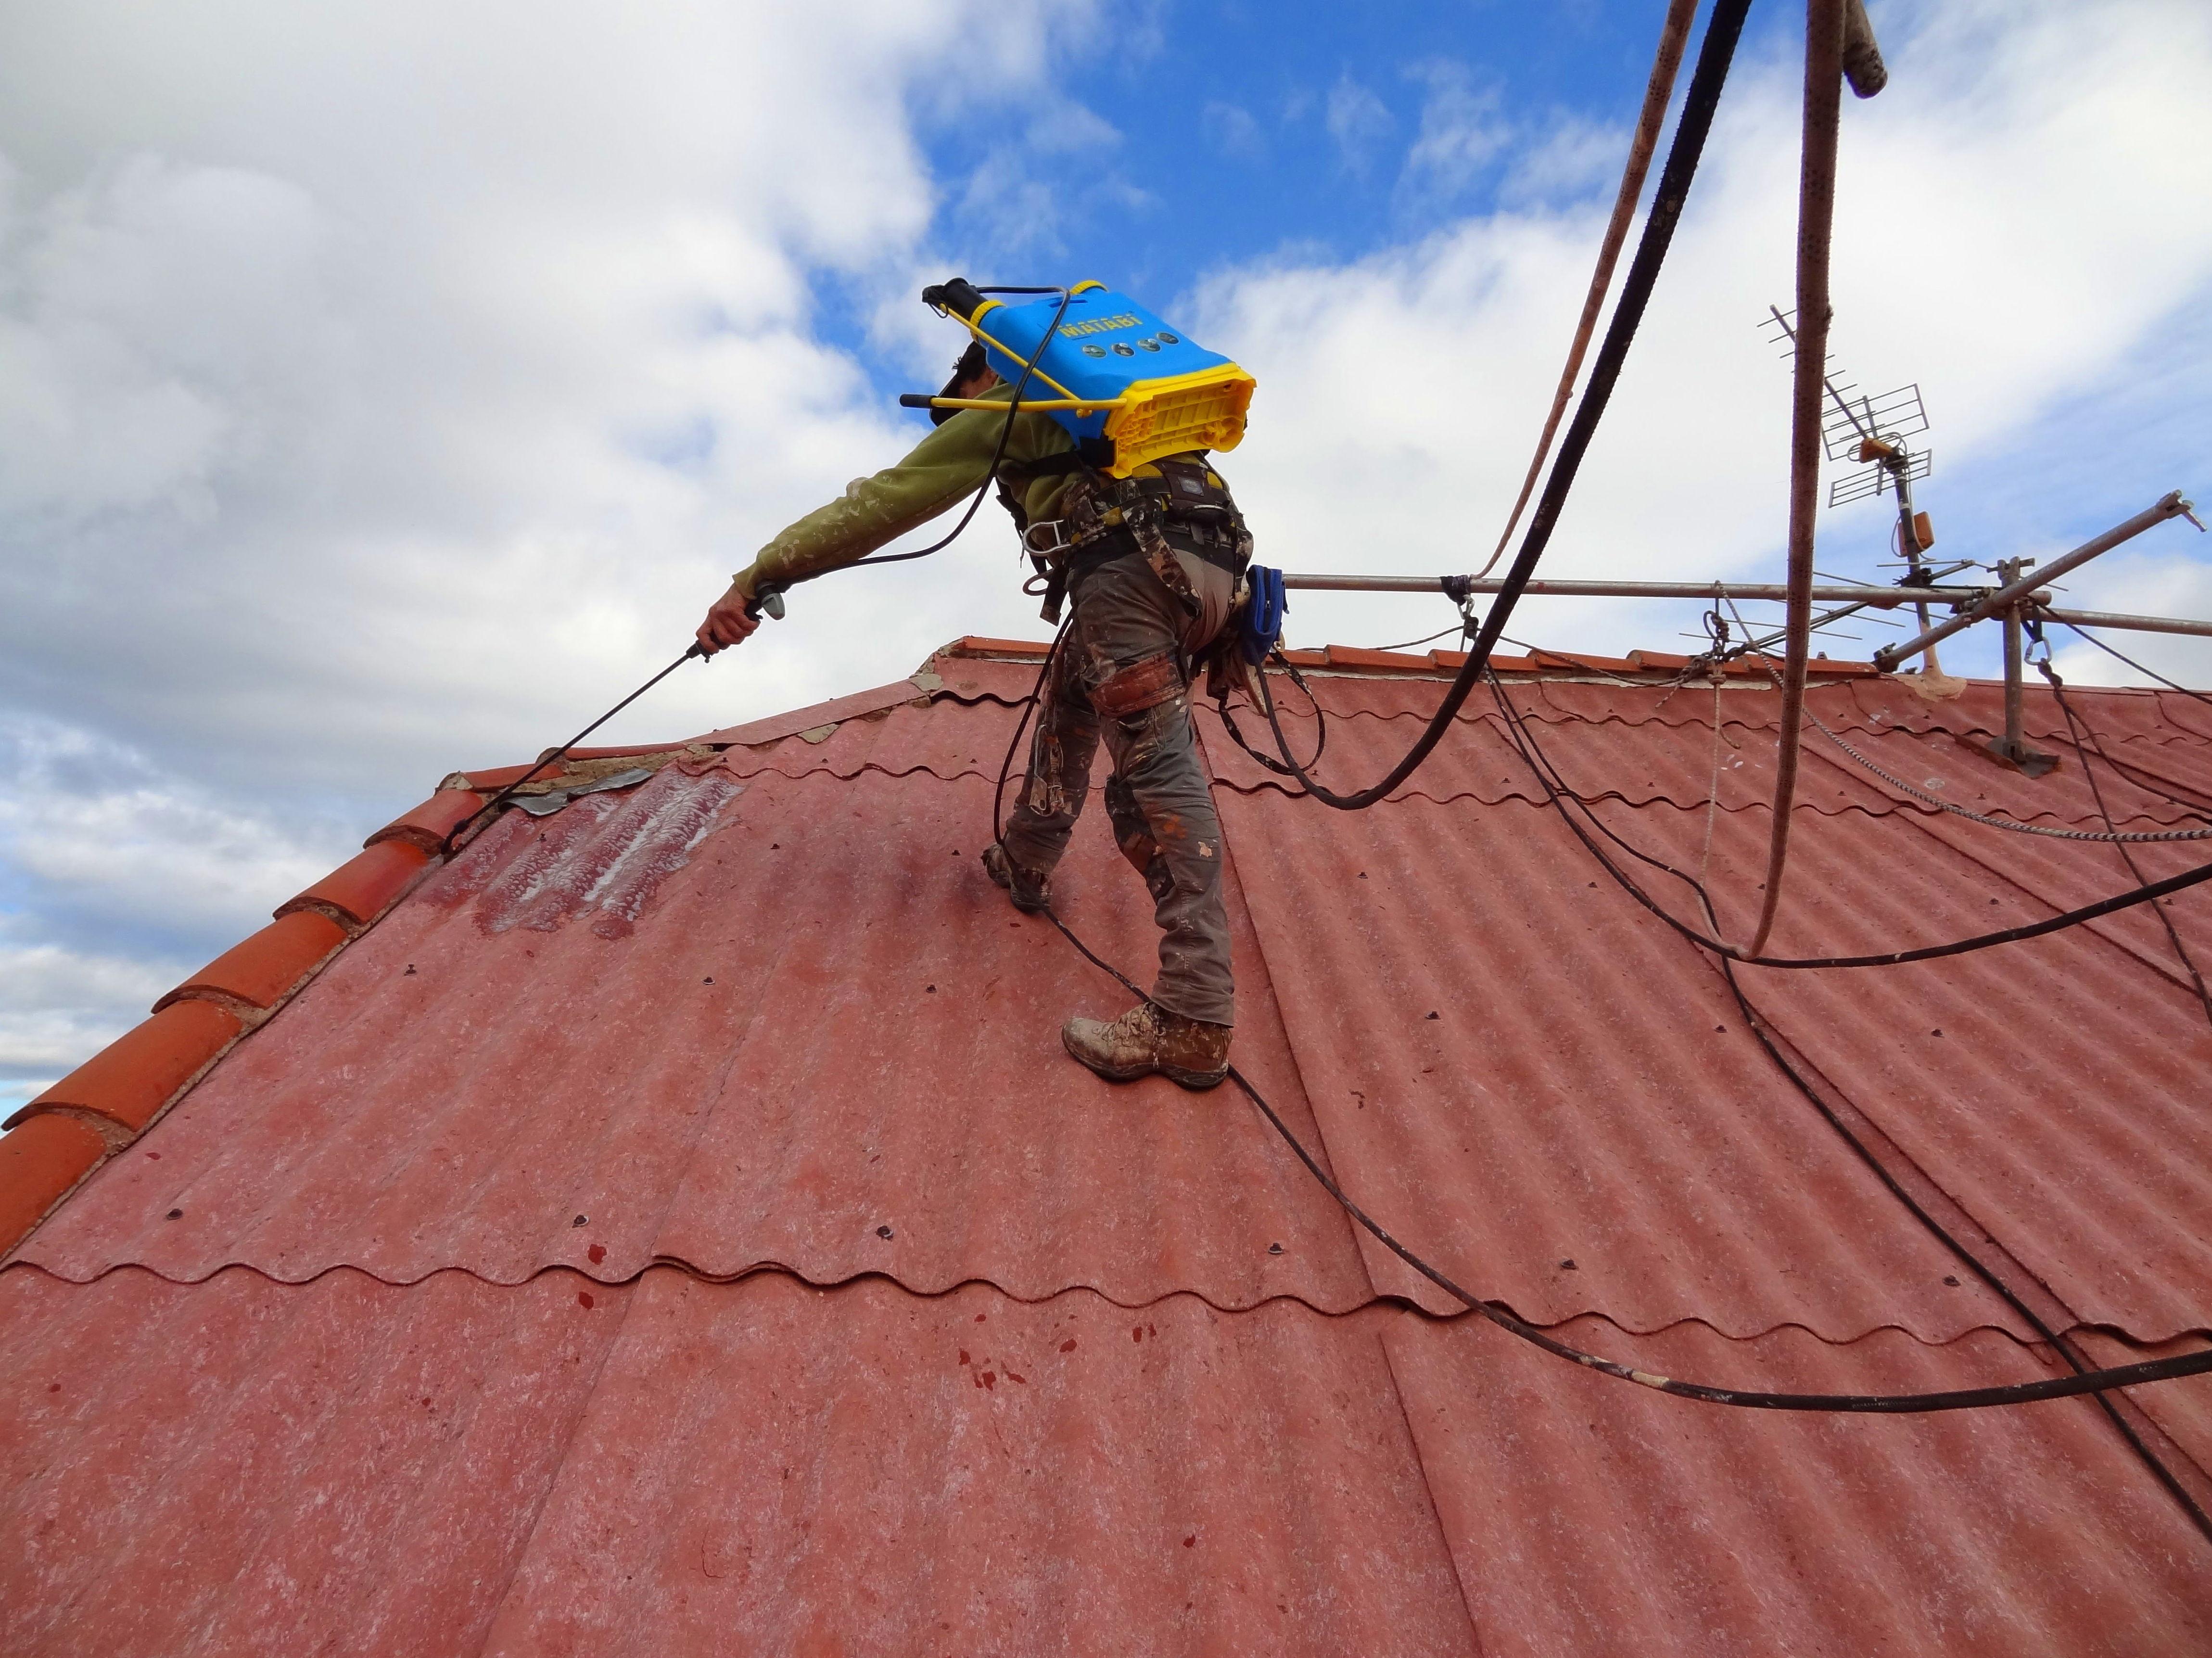 Reparaci n econ mica de tejado de uralita trabajos de - Tejados de uralita ...